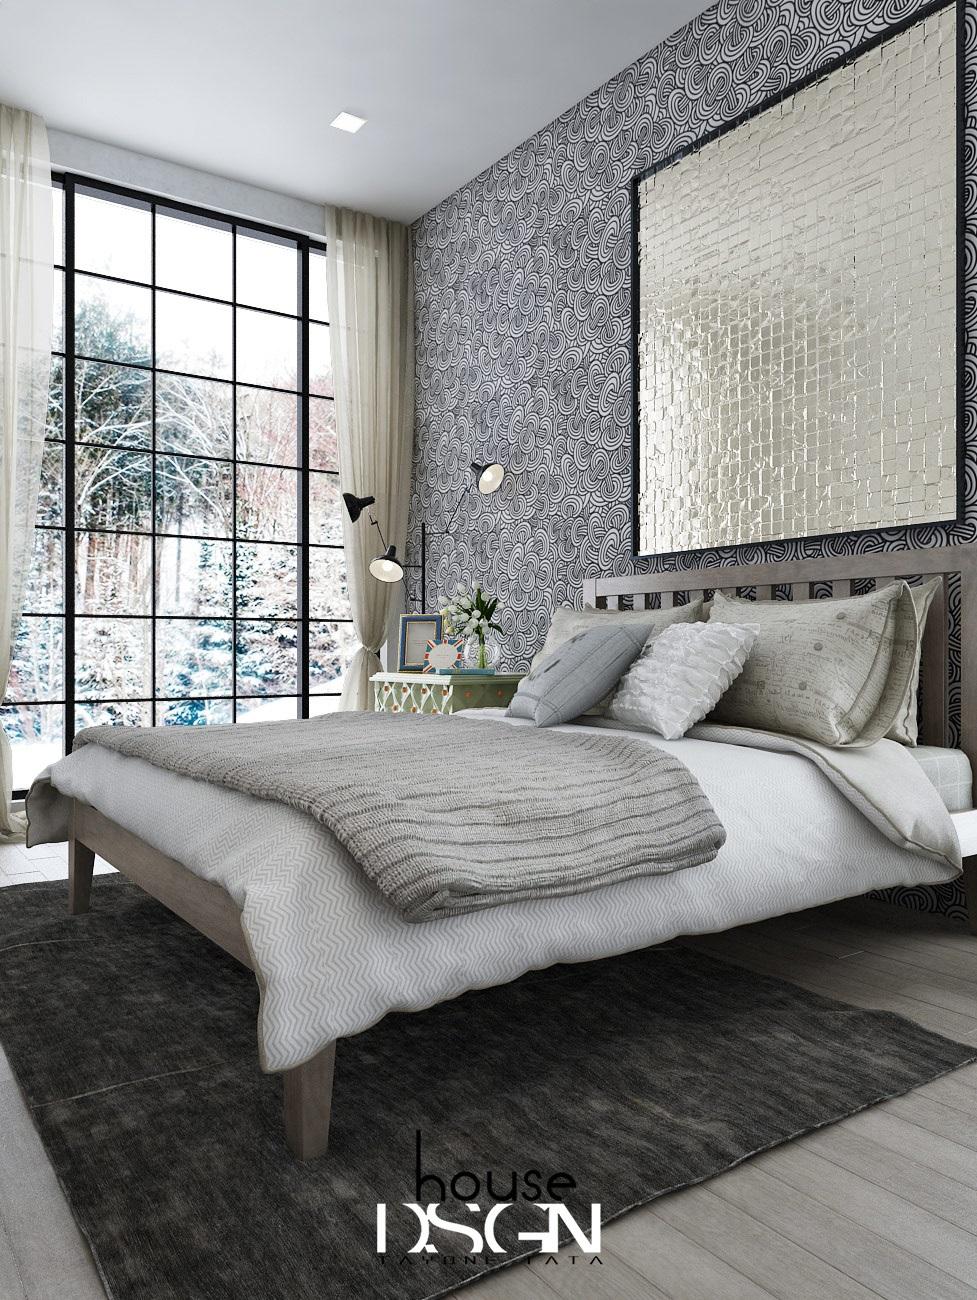 nội thất khách sạn sang trọng - Housedesign